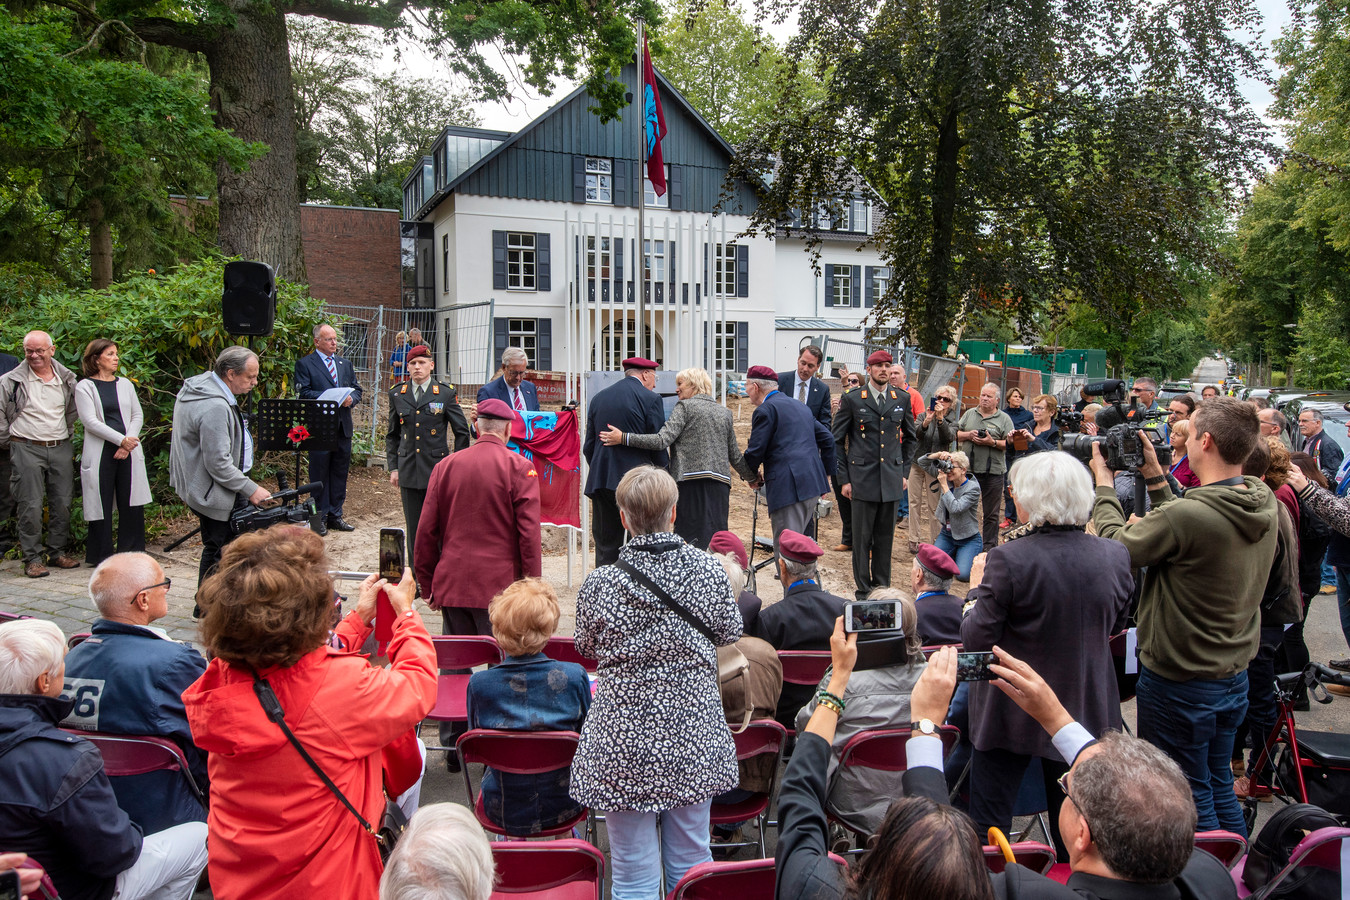 Britse oorlogsveteranen onthullen het Dreijeroord Memorial, het nieuwe monument bij het voormalige Hotel Dreijeroord, waar fel gevochten is tijdens de Slag om Arnhem.